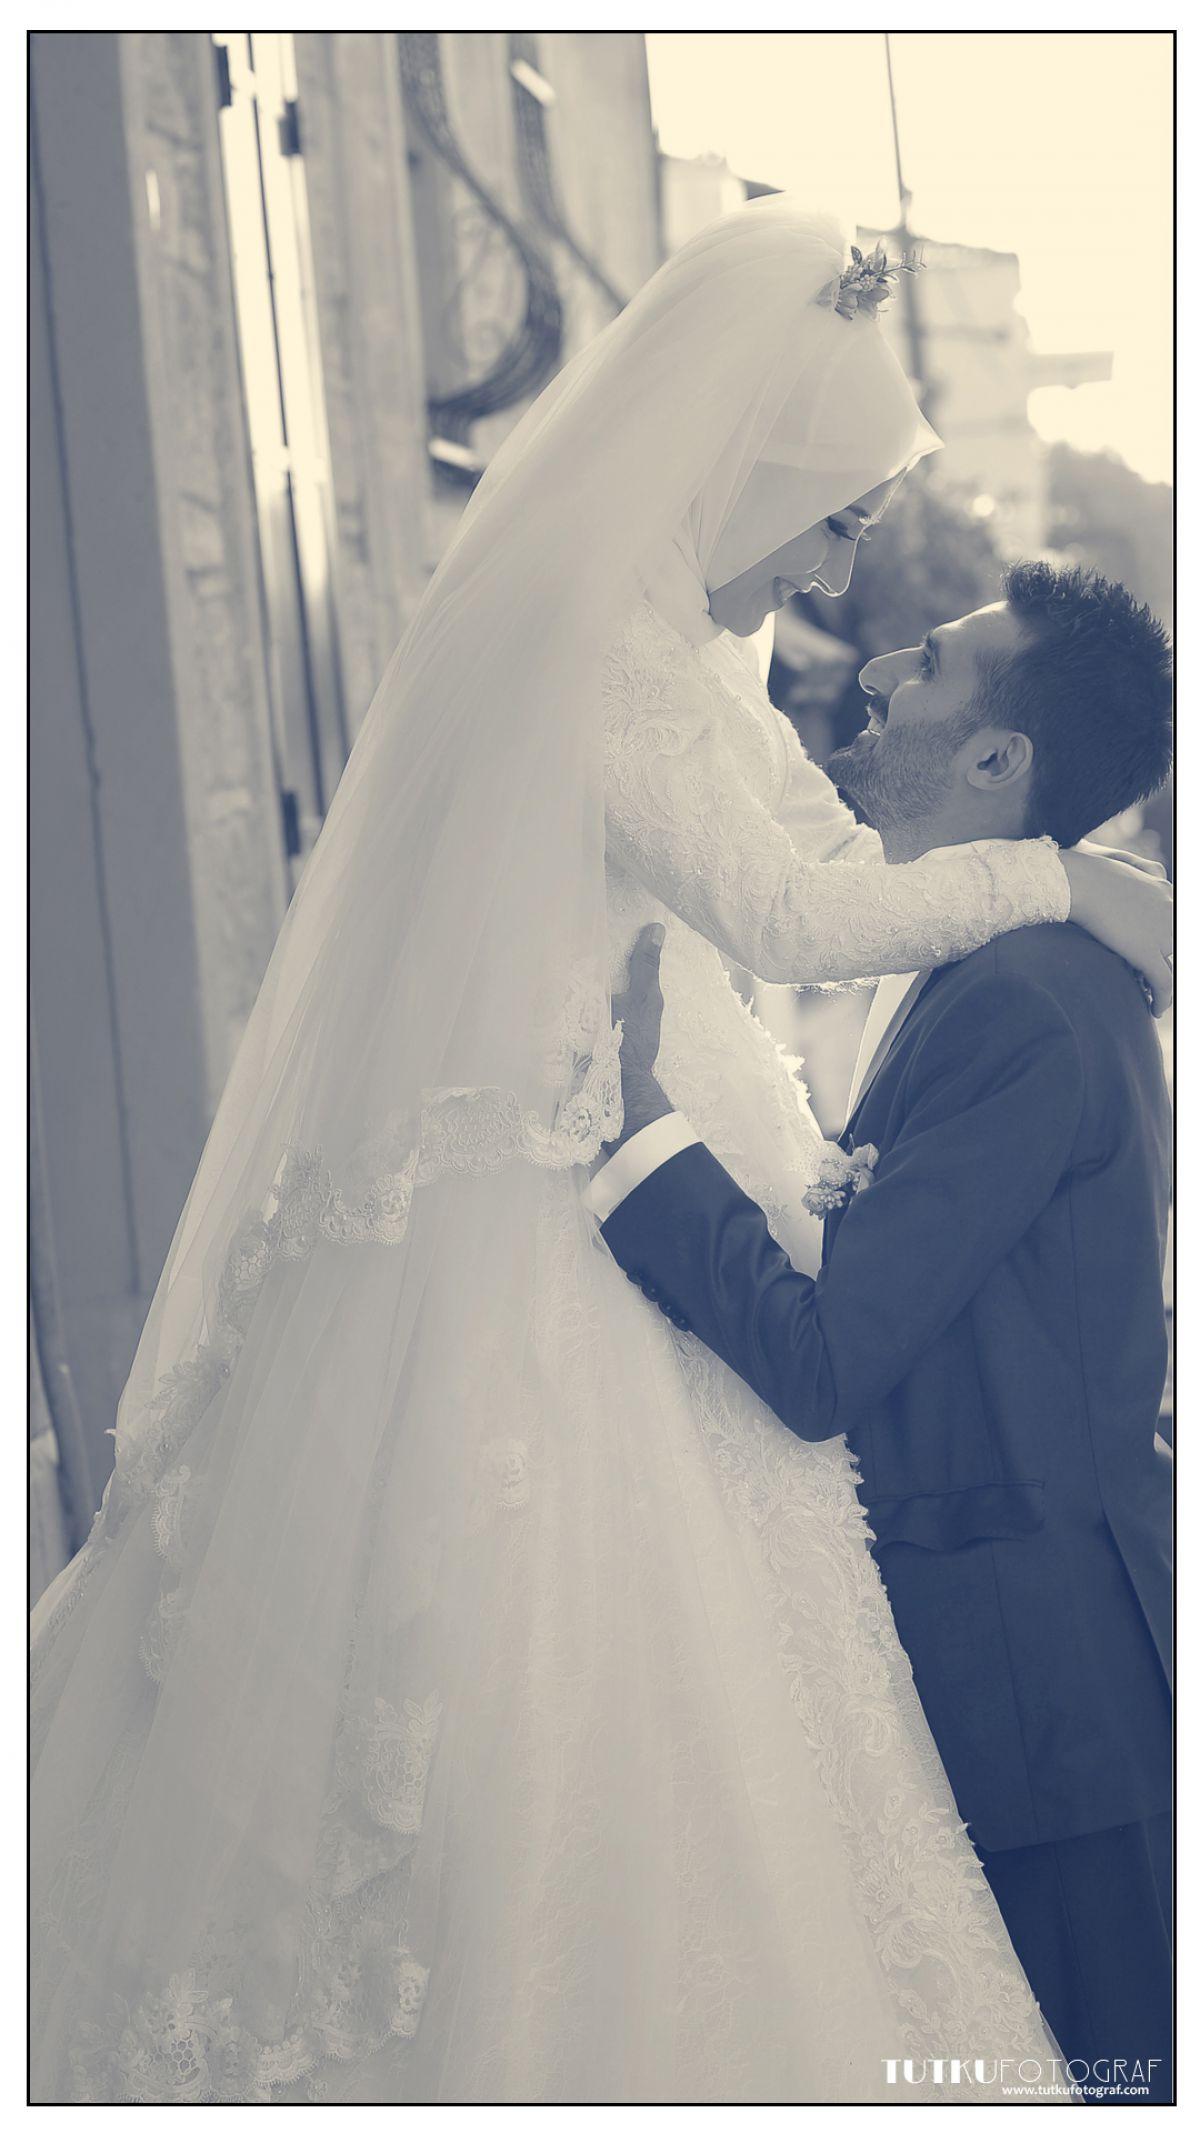 Dış Mekan Düğün Fotoğrafı Çekimi-Dis-Mekan-Dugun-Fotografi-Cekimi-5